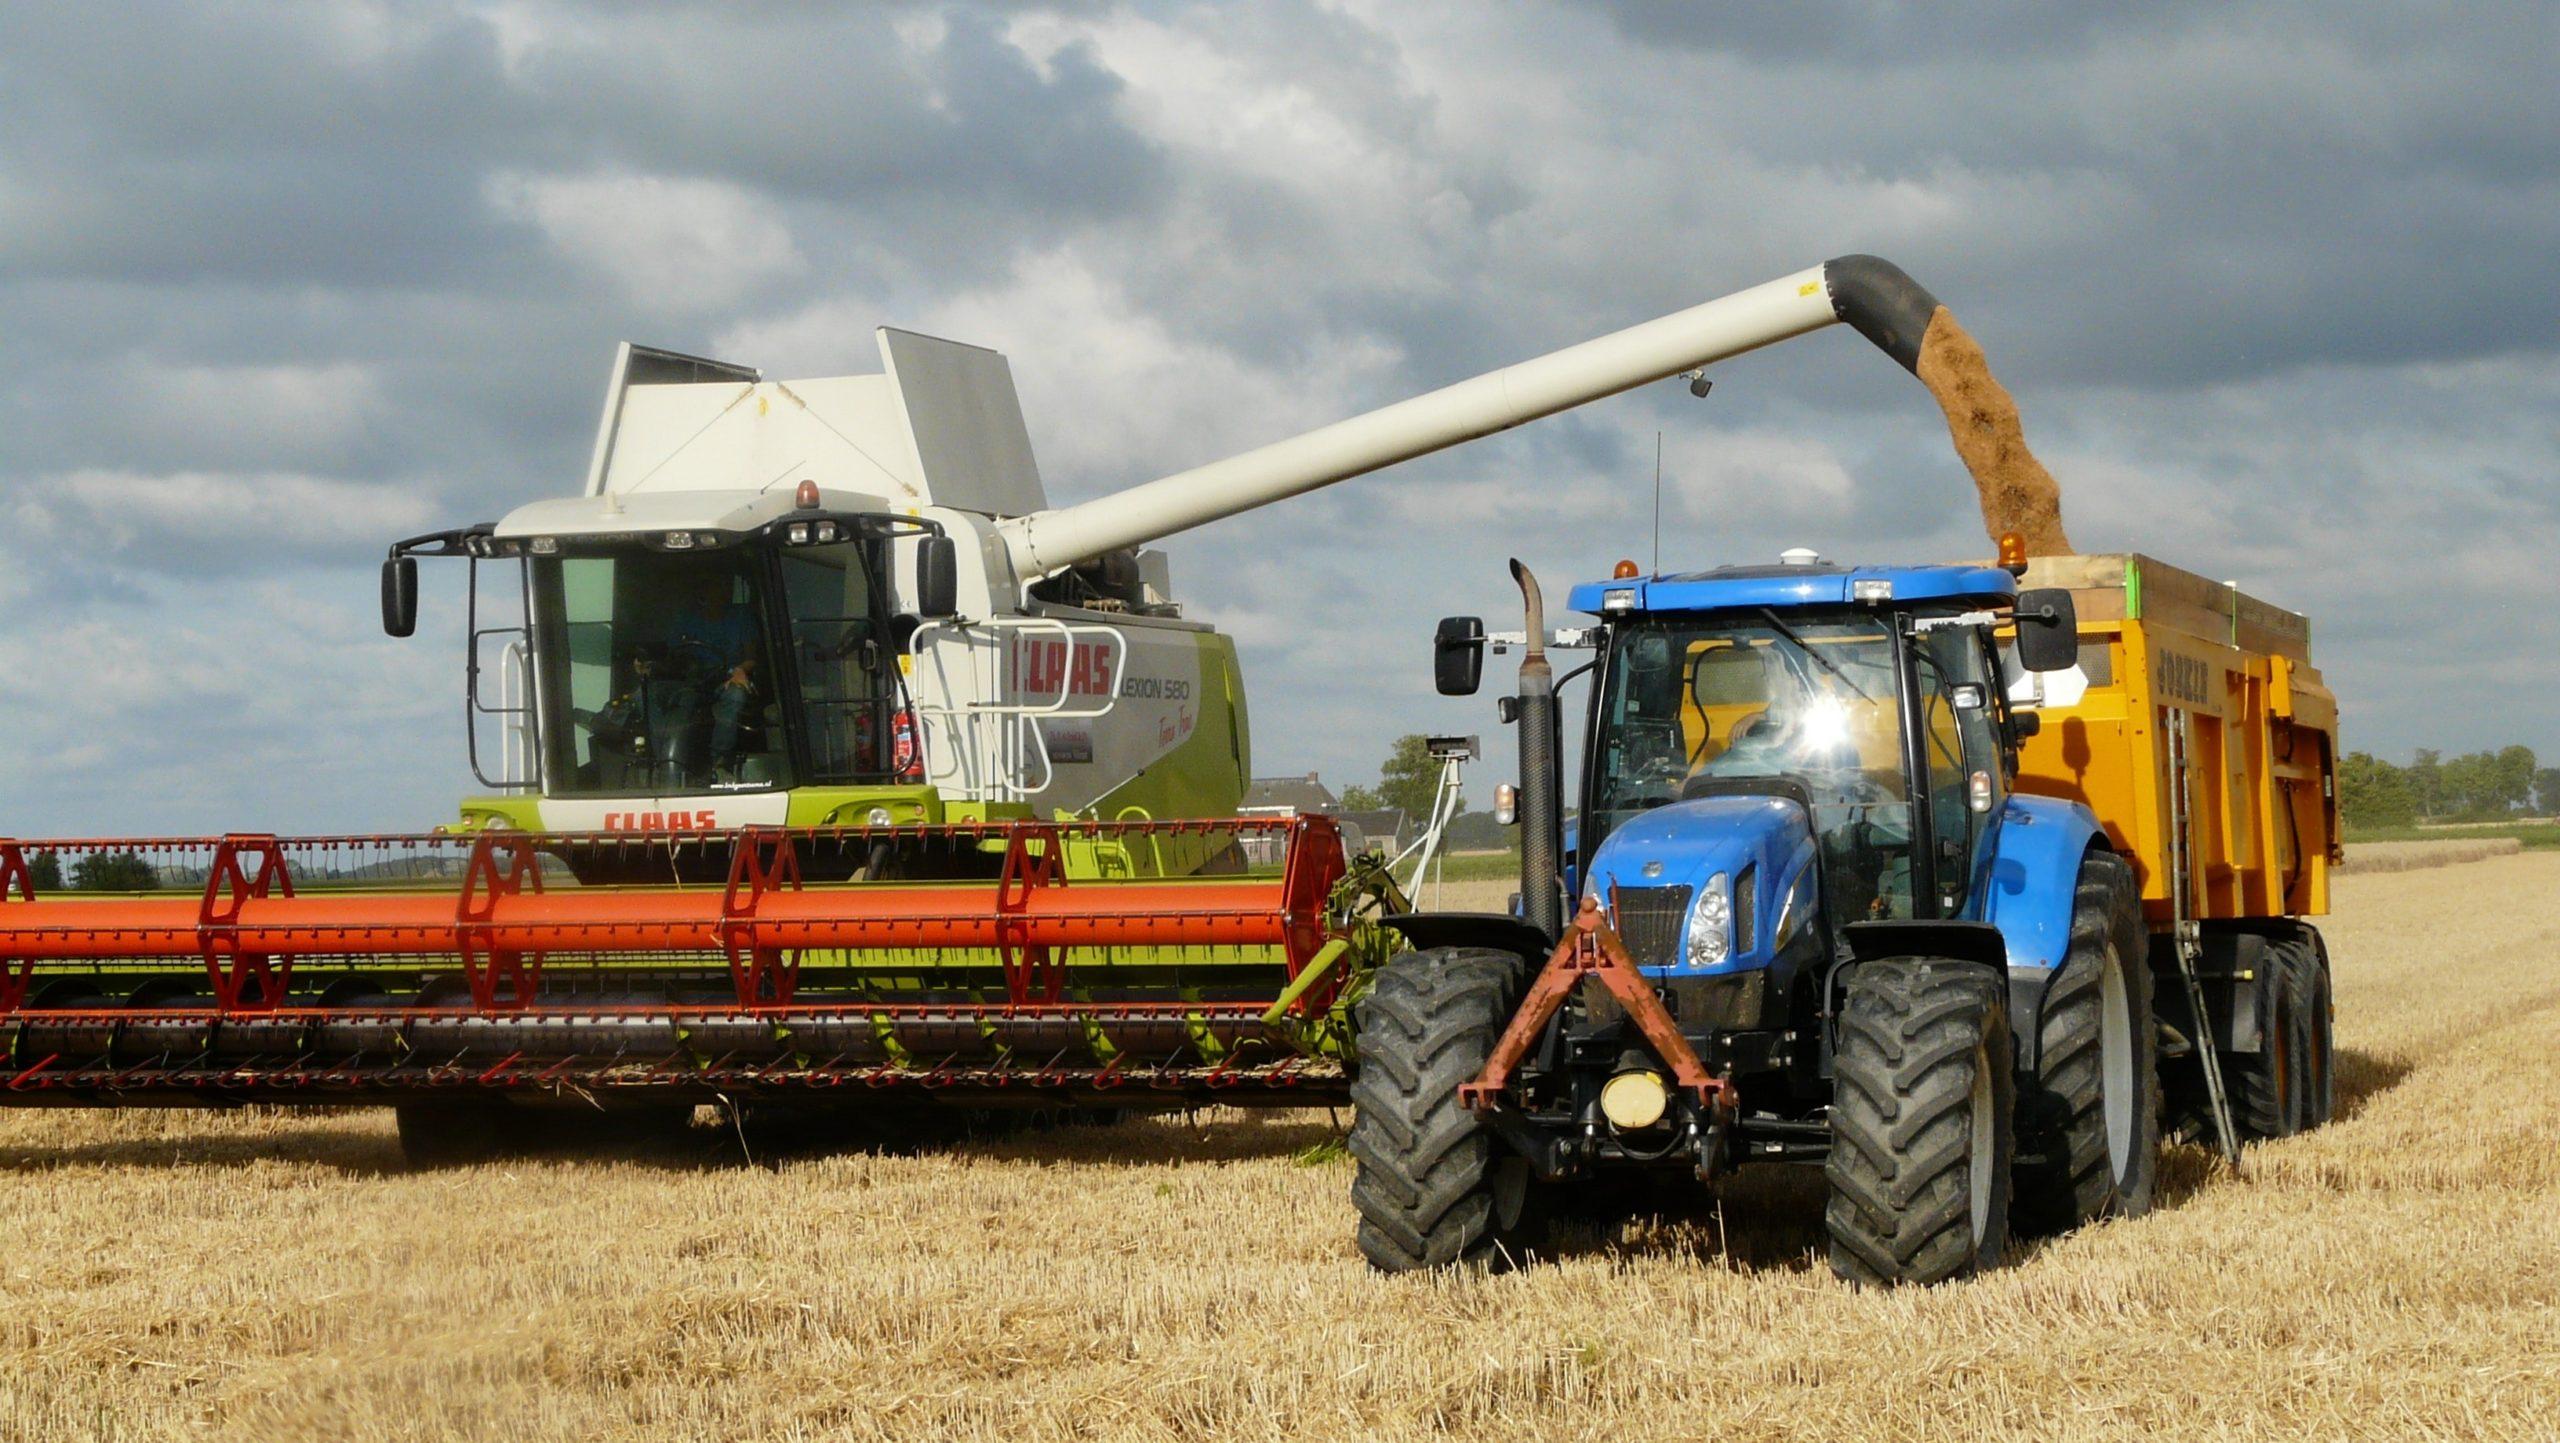 Landwirtschaft in der Ukraine – ein riskantes Unterfangen oder eine in Betracht zu ziehende Investitionsmöglichkeit?